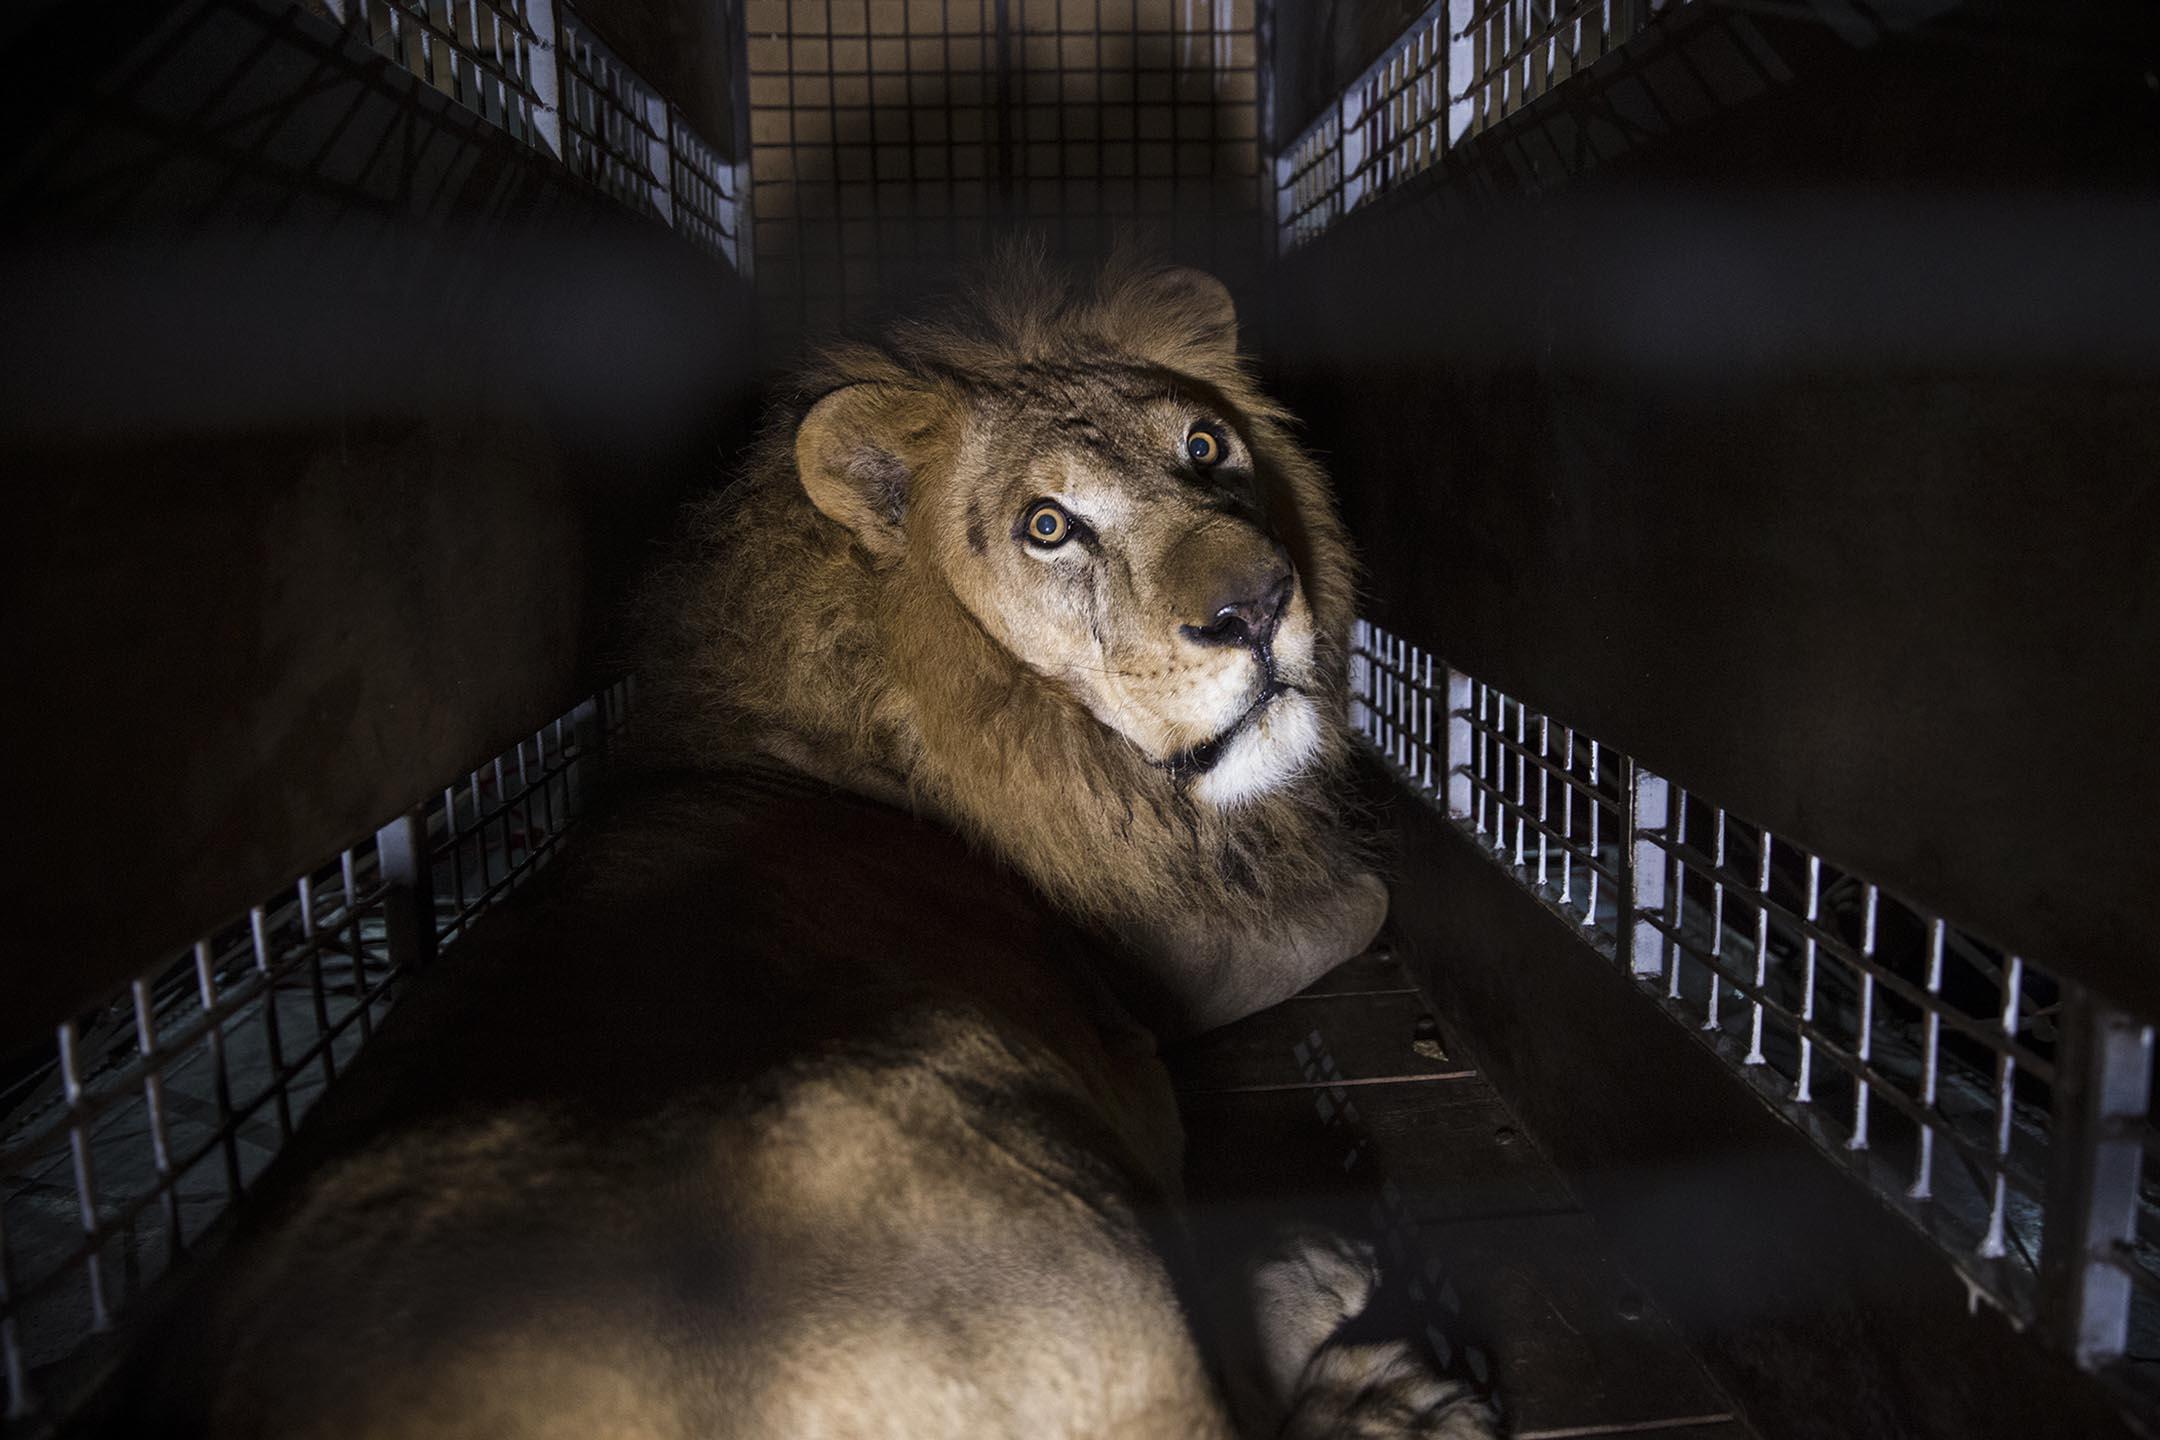 2019年12月9日,一頭獅子從烏克蘭動物園被送到南非野生動物保護區。 攝:STR/NurPhoto via Getty Images